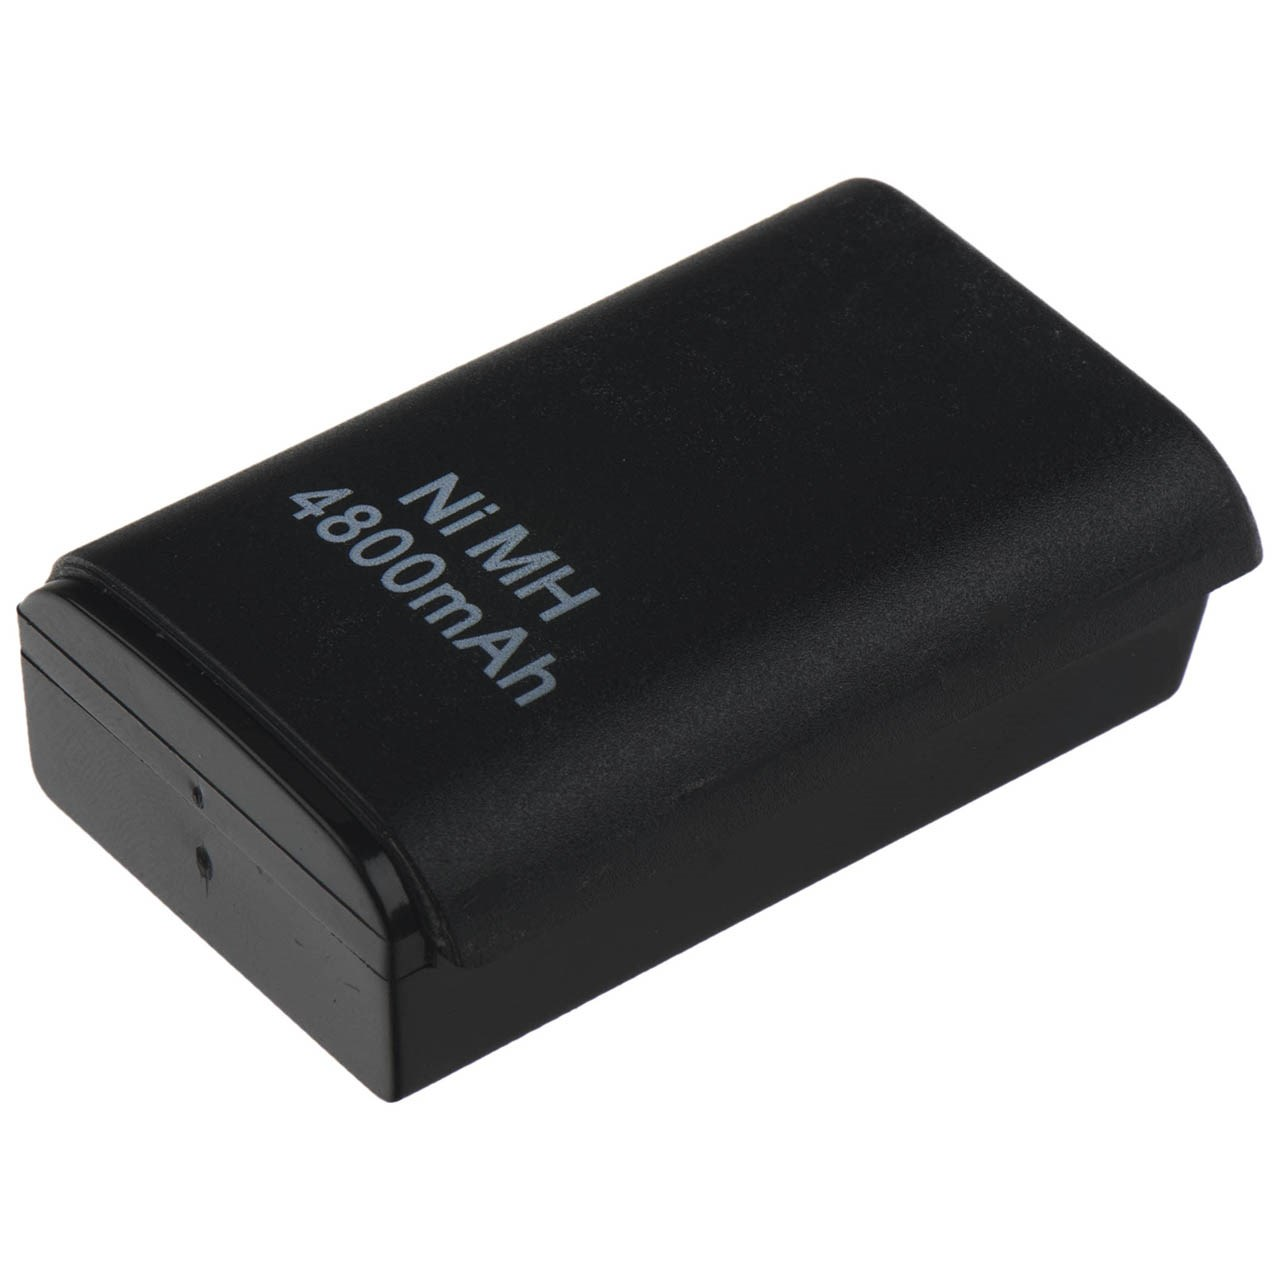 باتری و شارژر ایکس باکس 360 مدل RA-150602